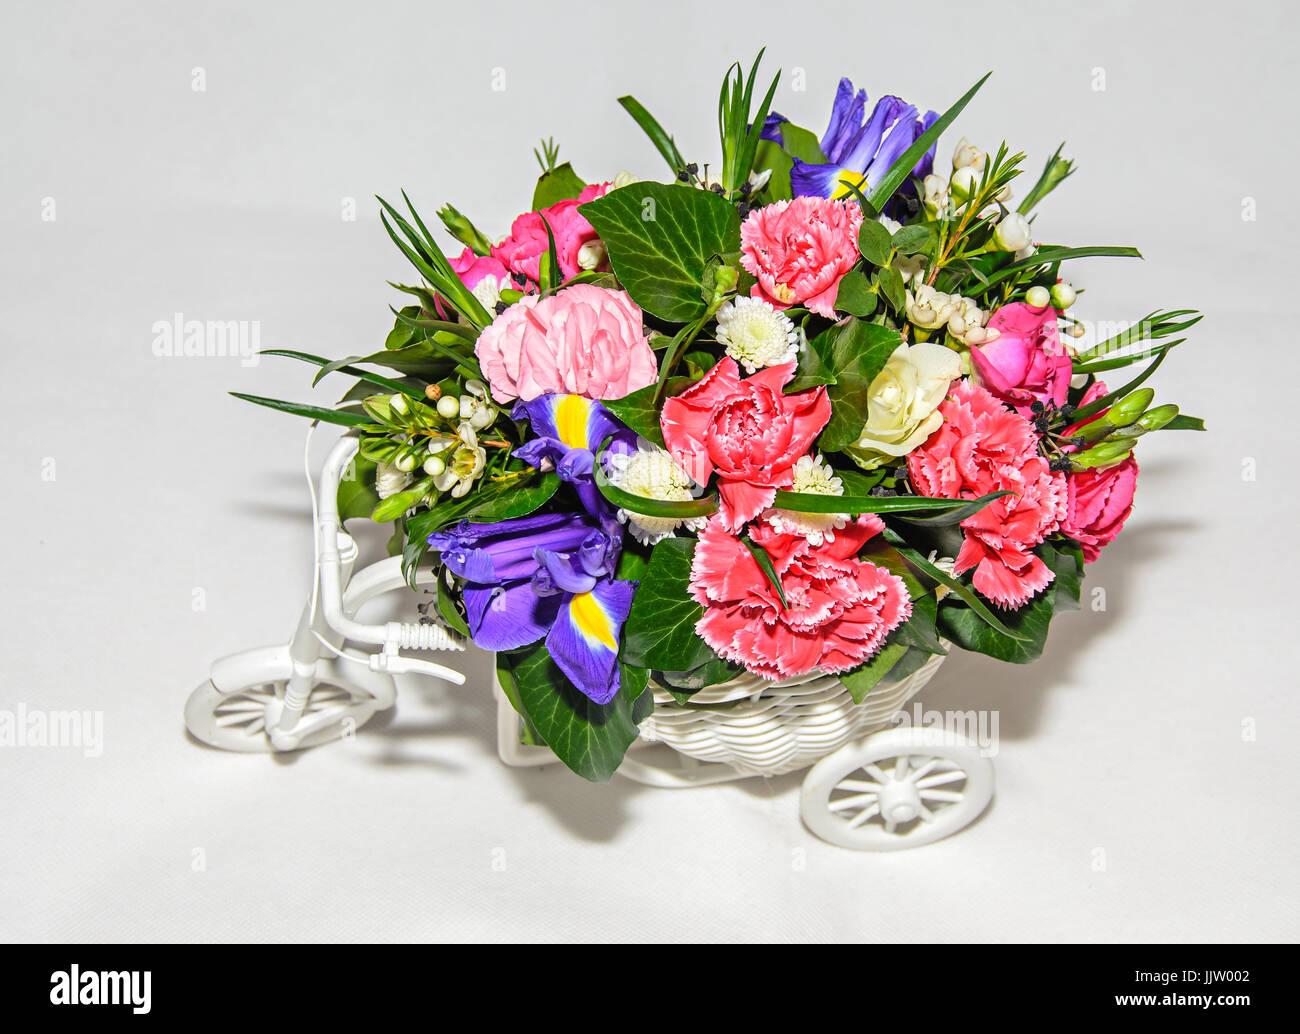 Arreglo Floral Con Bicicleta Blanca Y Flores De Colores